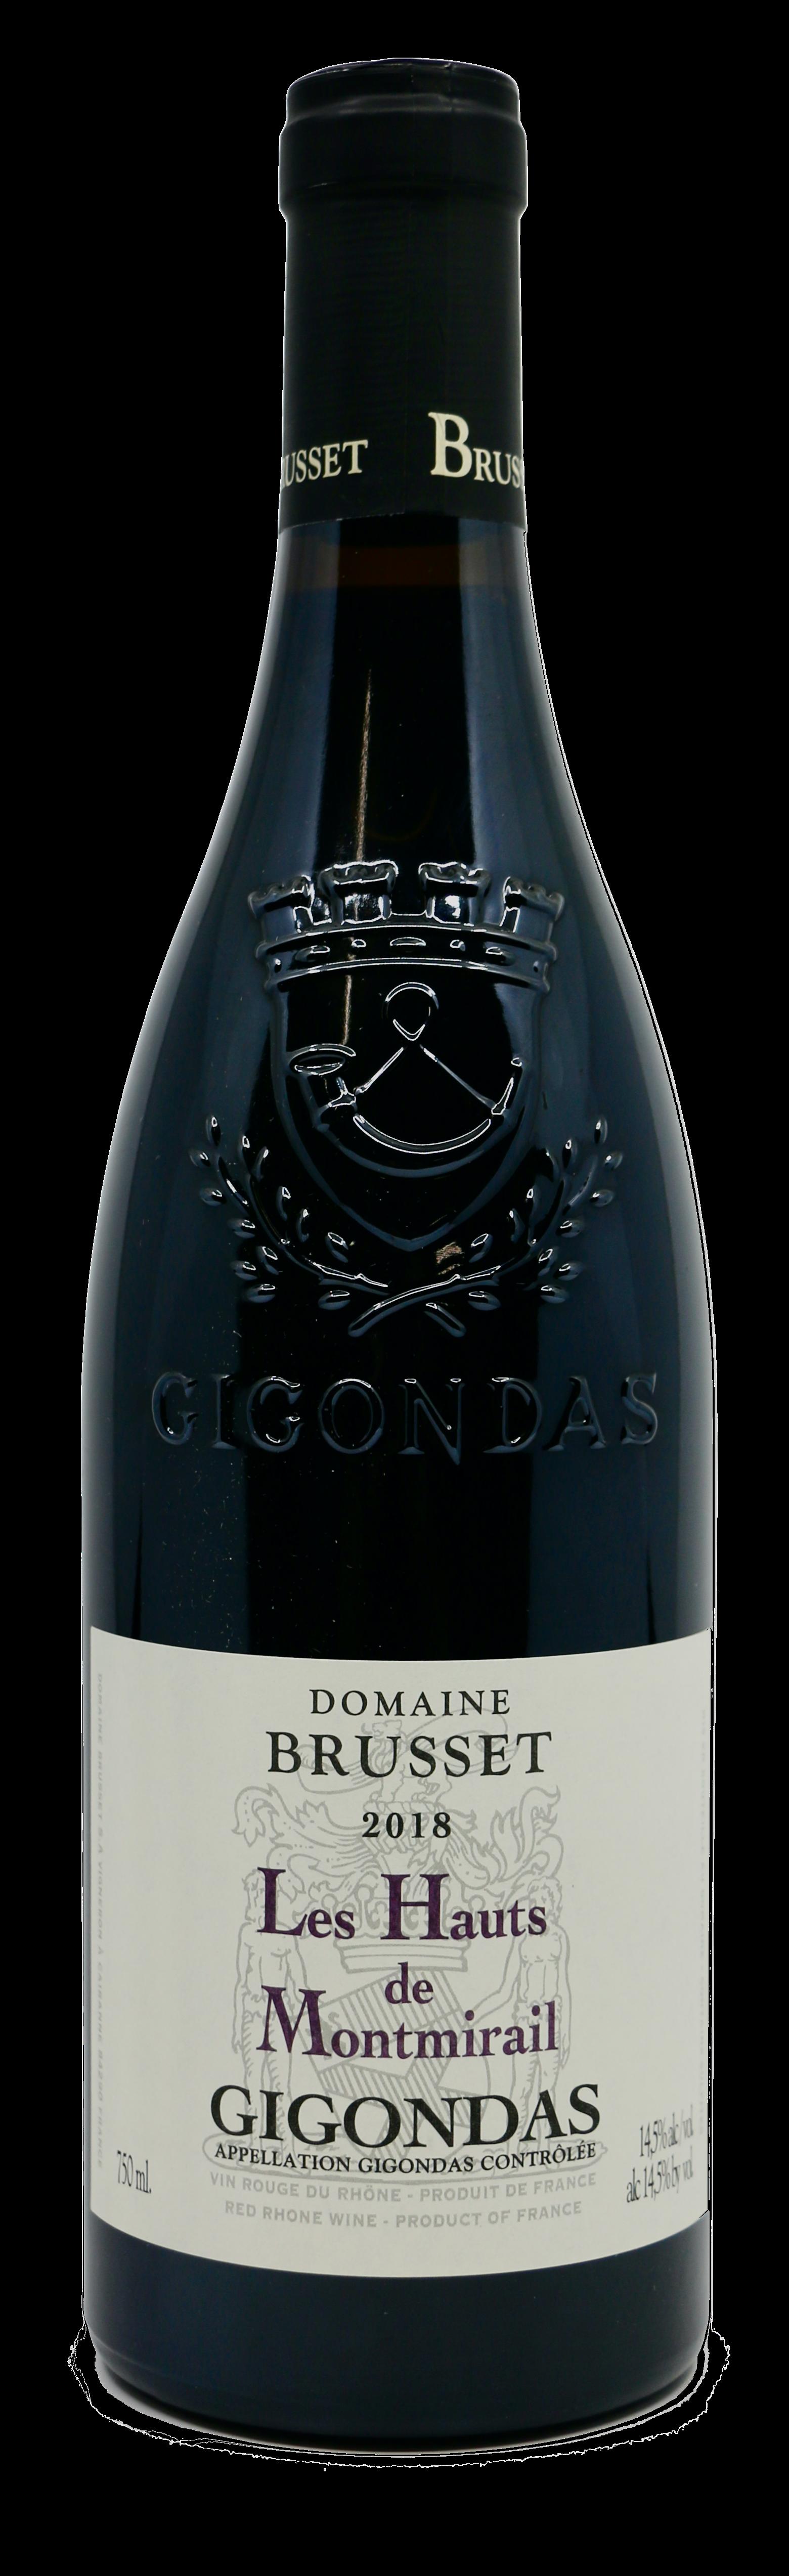 Gigondas Les Hauts de Montmirail